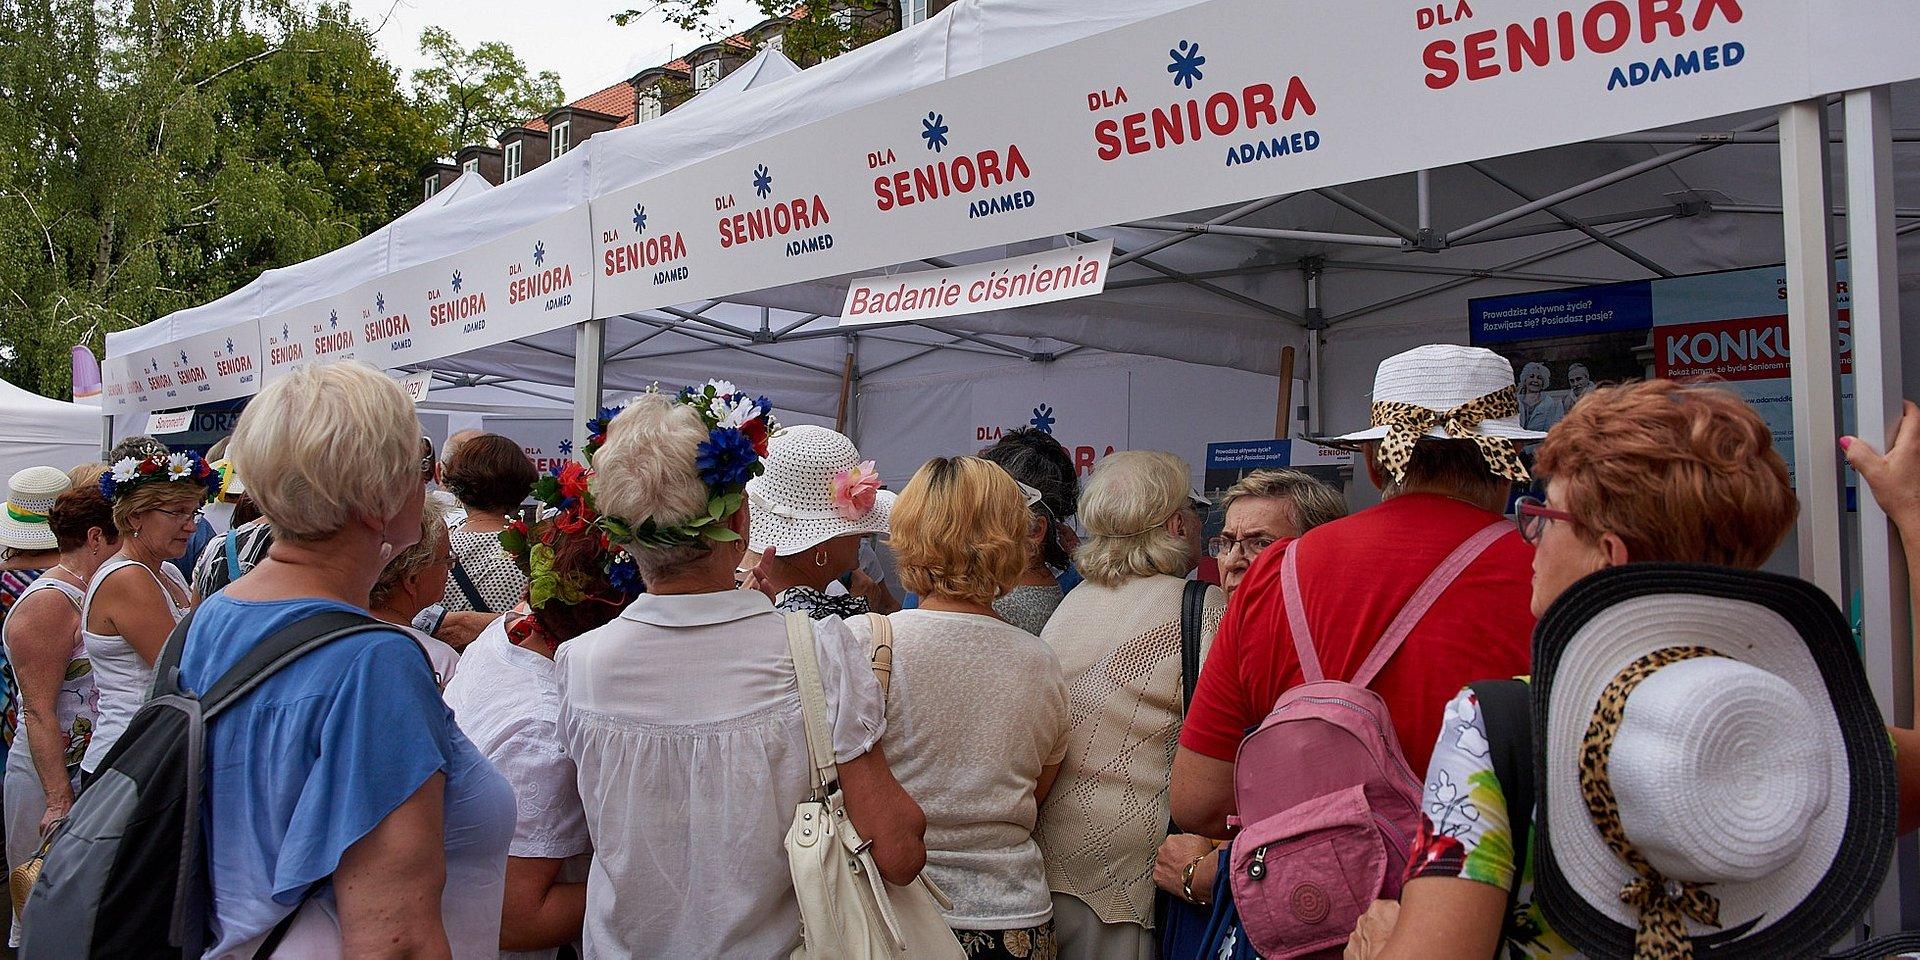 Adamed Dla Seniora Partnerem Strategicznym Na V Paradzie Seniorów